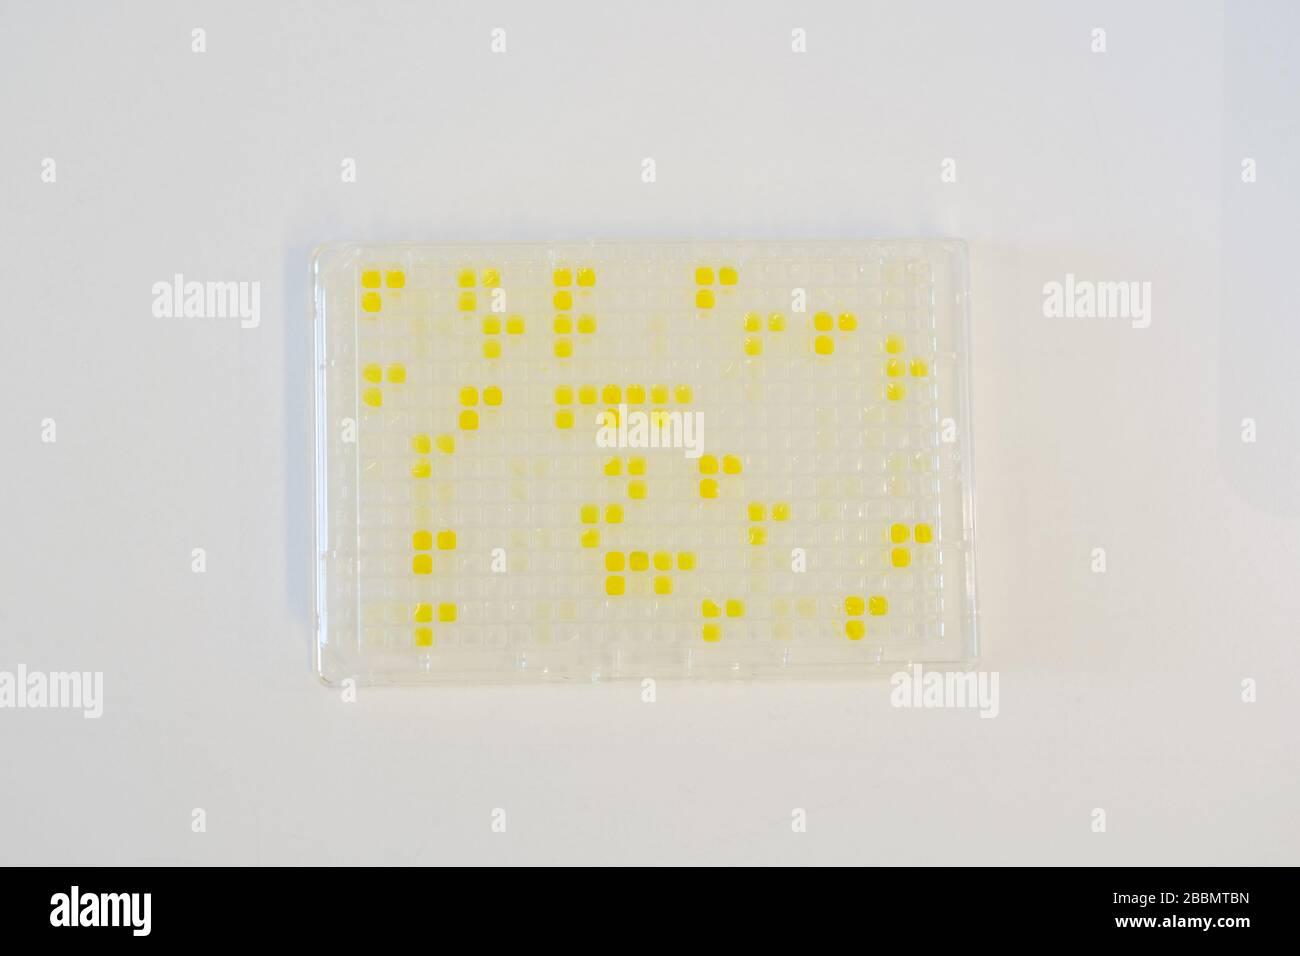 Brunswick, Alemania. 1 de abril de 2020. Una placa Elisa con anticuerpos se encuentra en el laboratorio de la empresa de ciencias biológicas Yumab. La empresa de puesta en marcha realiza investigaciones sobre el desarrollo de anticuerpos humanos y está tratando de desarrollar fármacos contra Covid-19. Crédito: OLE Spata/dpa/Alamy Live News Foto de stock